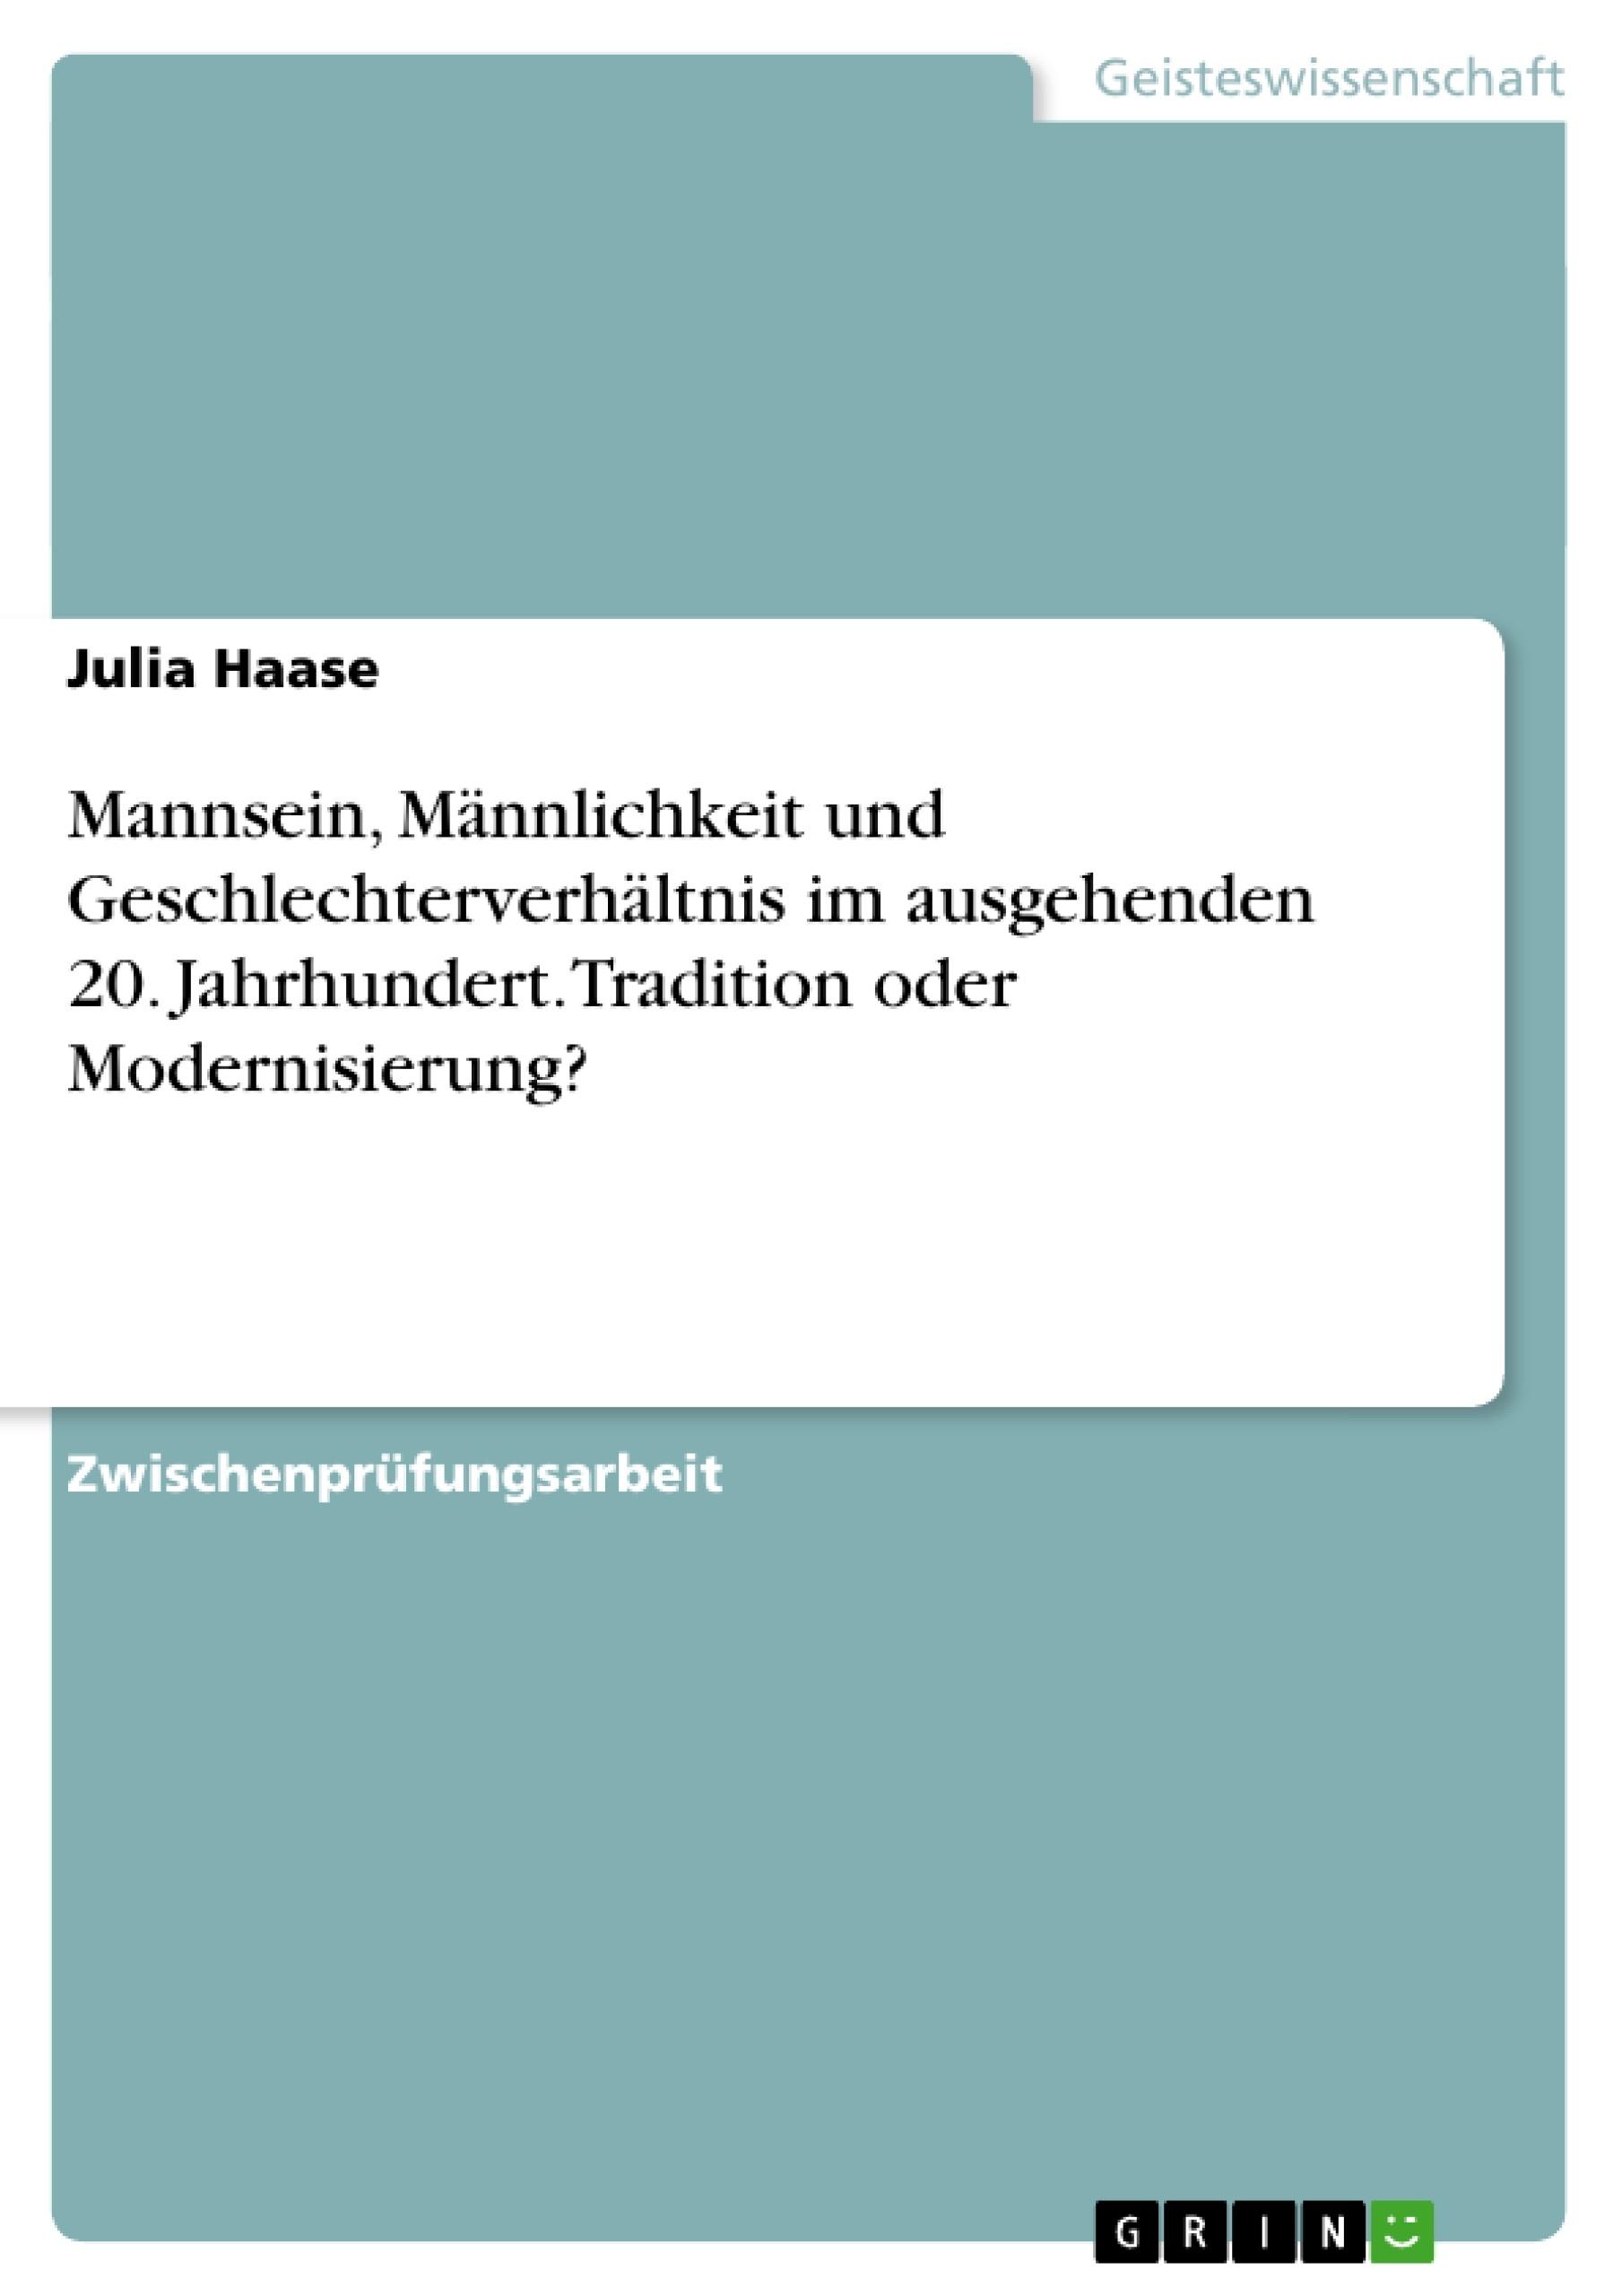 Titel: Mannsein, Männlichkeit und Geschlechterverhältnis im ausgehenden 20. Jahrhundert. Tradition oder Modernisierung?